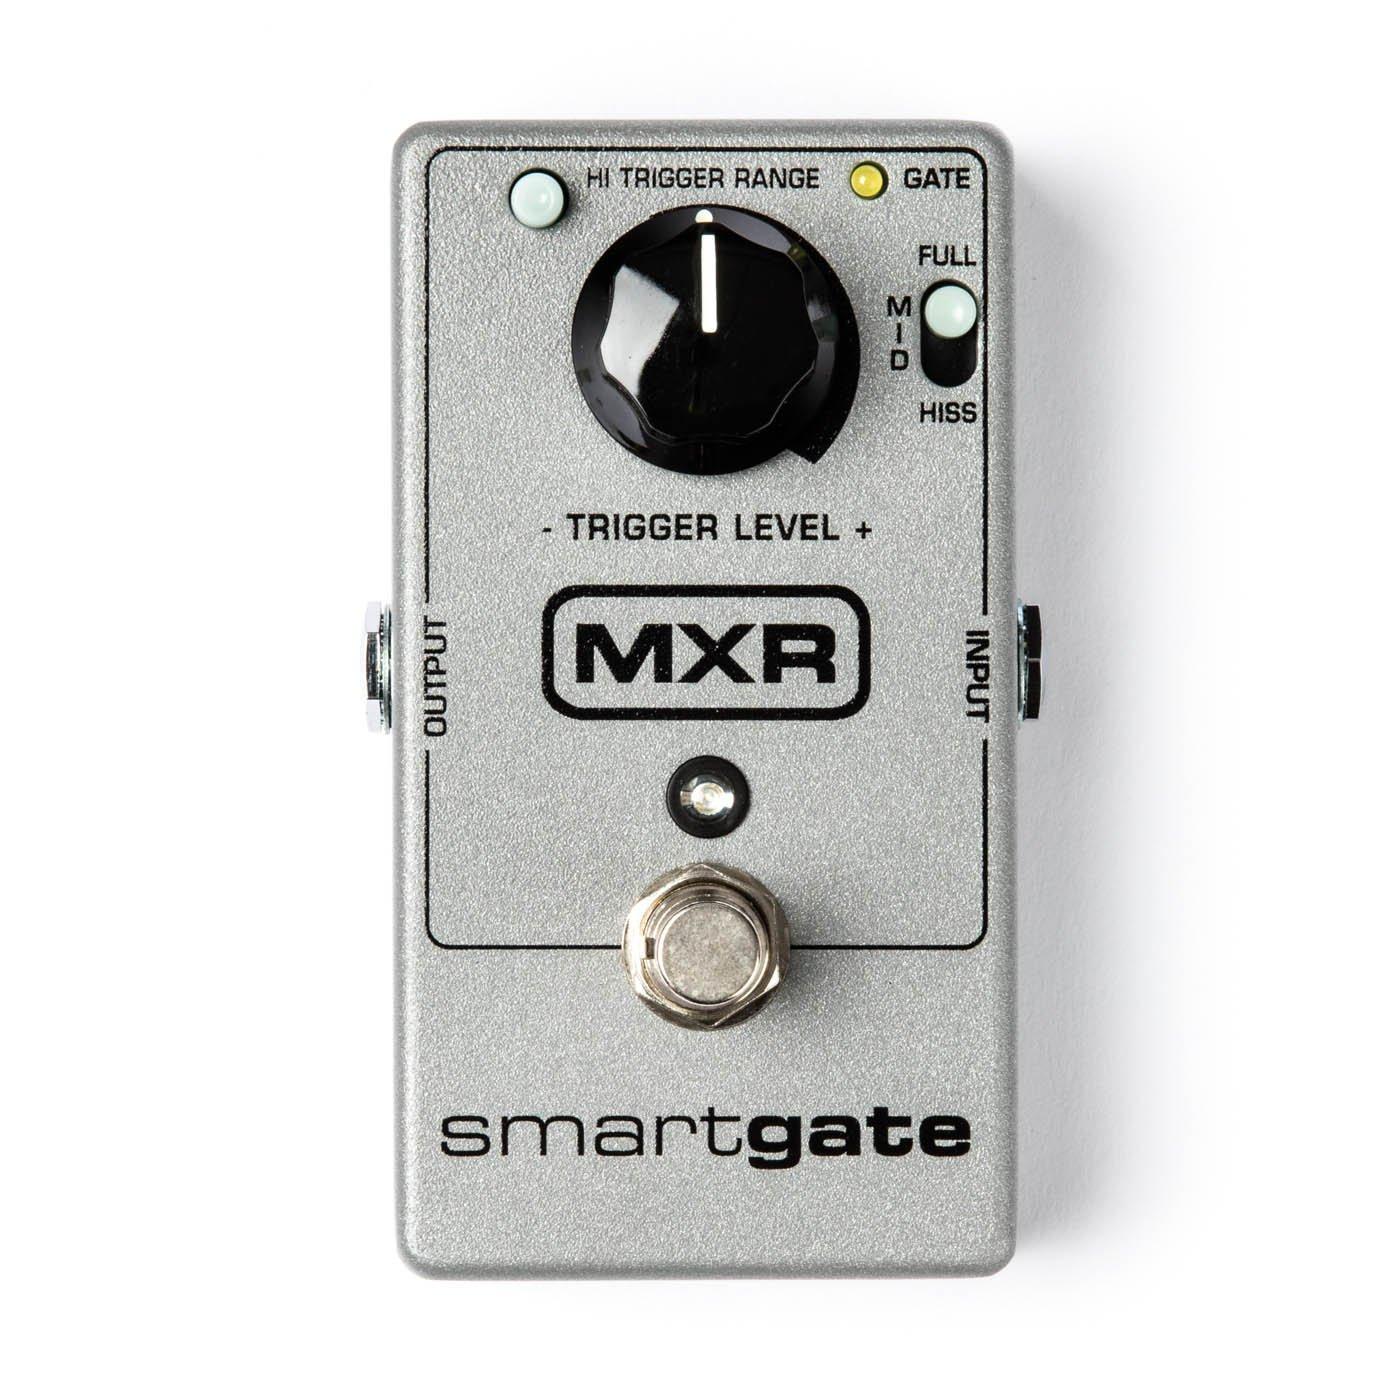 Dunlop MXR Smart Gate